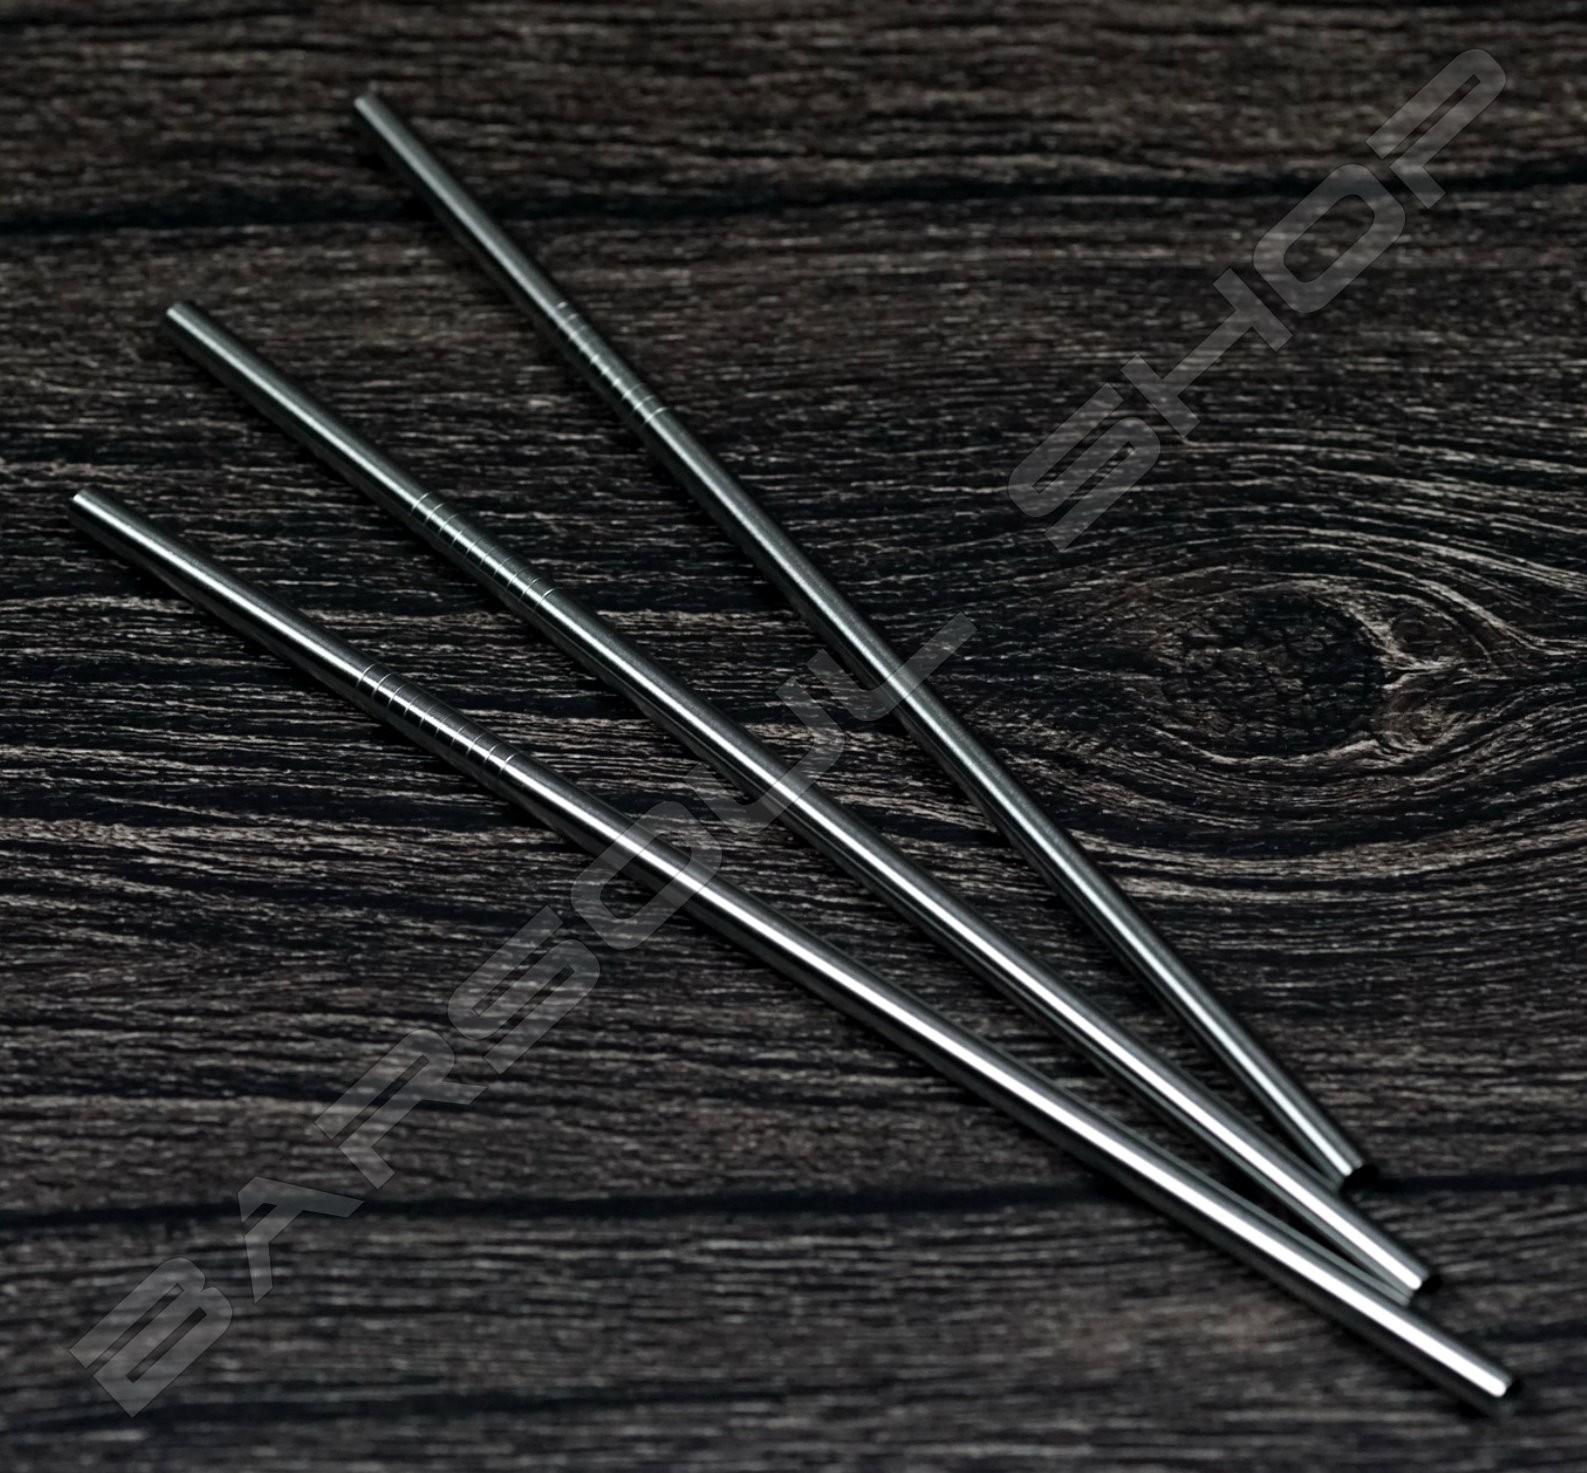 金屬吸管 - 直 Steel straw(straight)